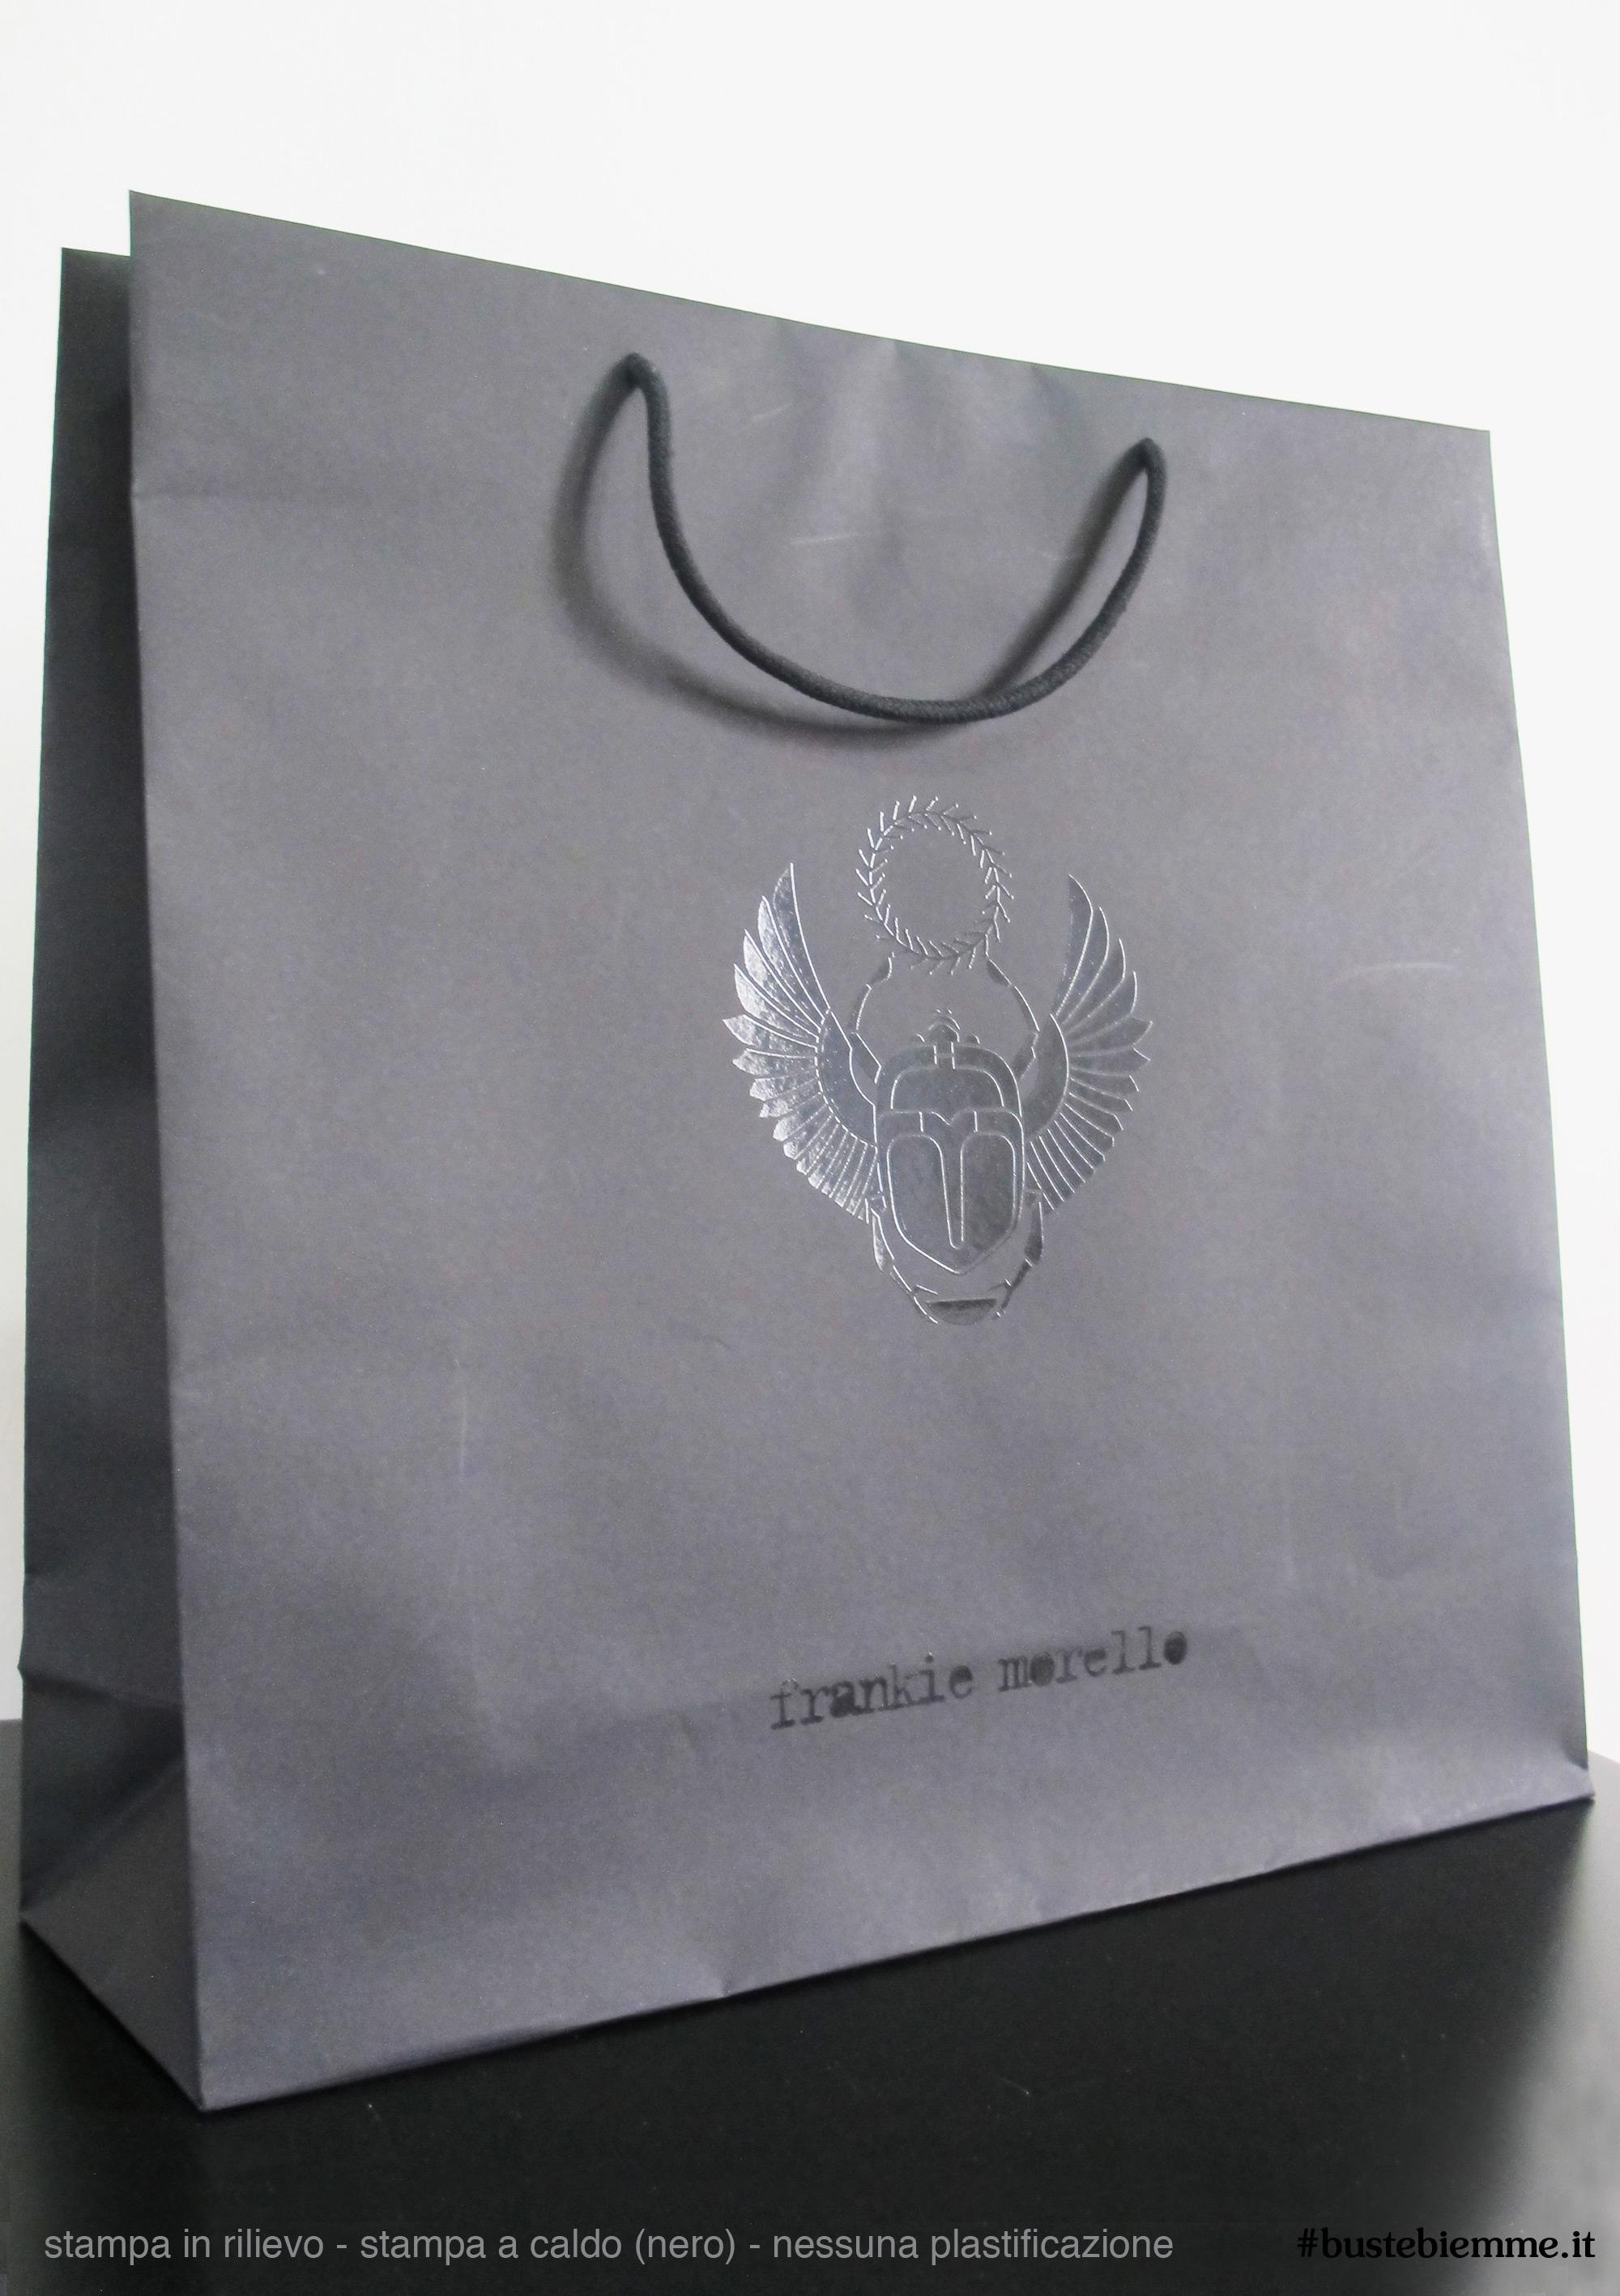 shopper in carta manici in tessuto con stampa a caldo nero e nessuna plastificazione